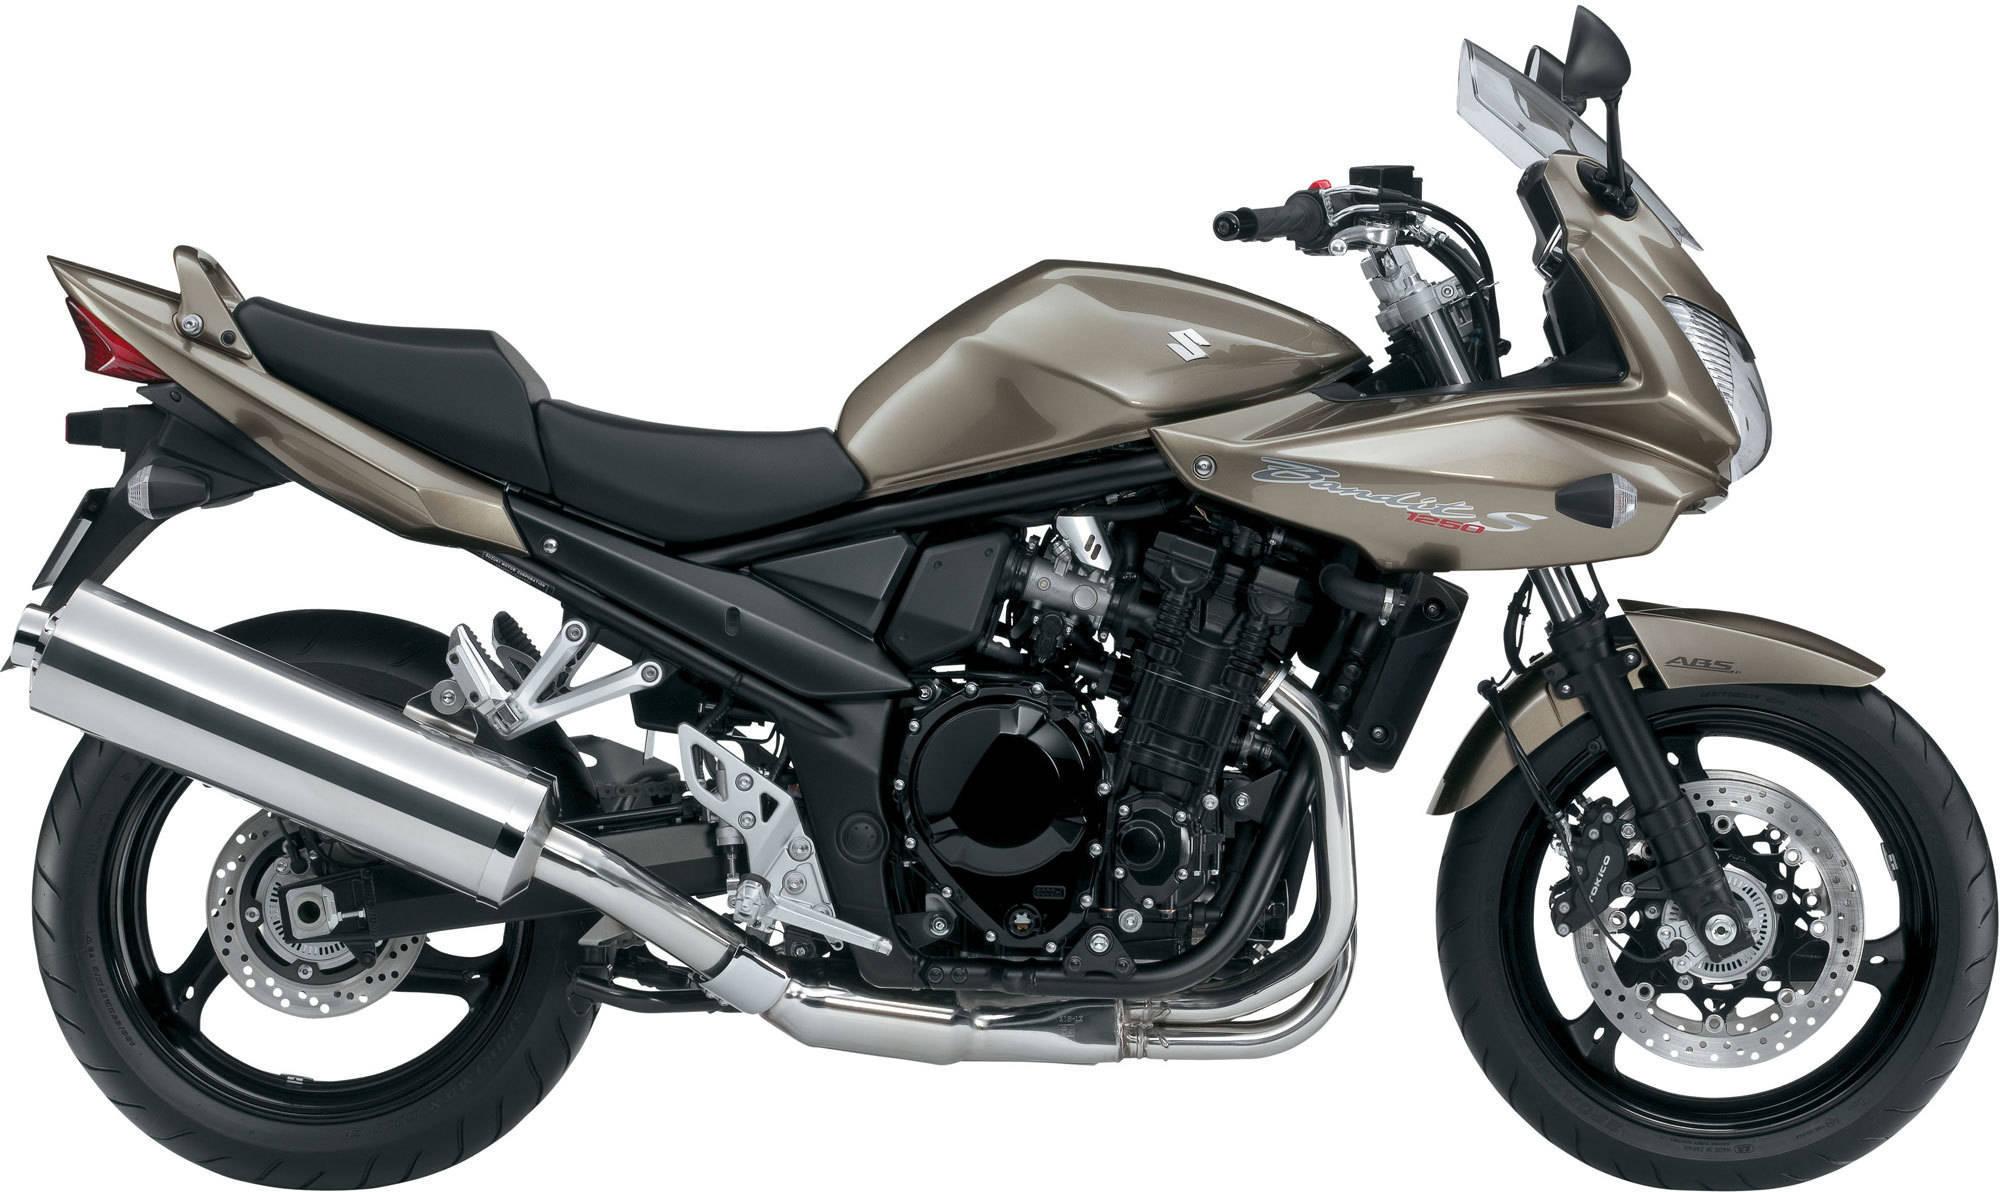 suzuki bandit price mileage review suzuki bikes. Black Bedroom Furniture Sets. Home Design Ideas